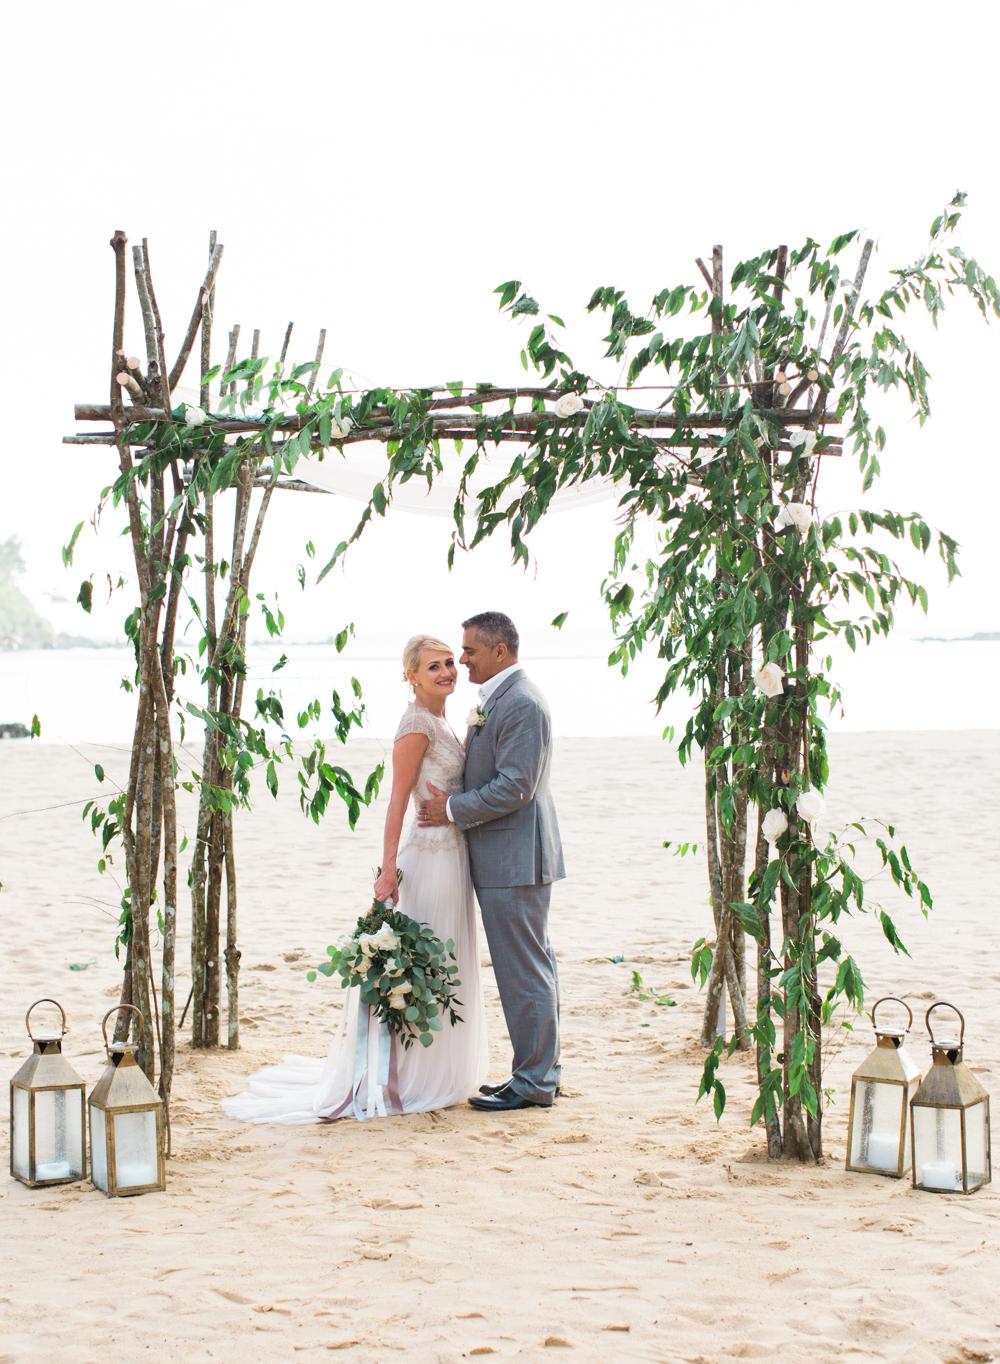 Anantara Layan Phuket wedding